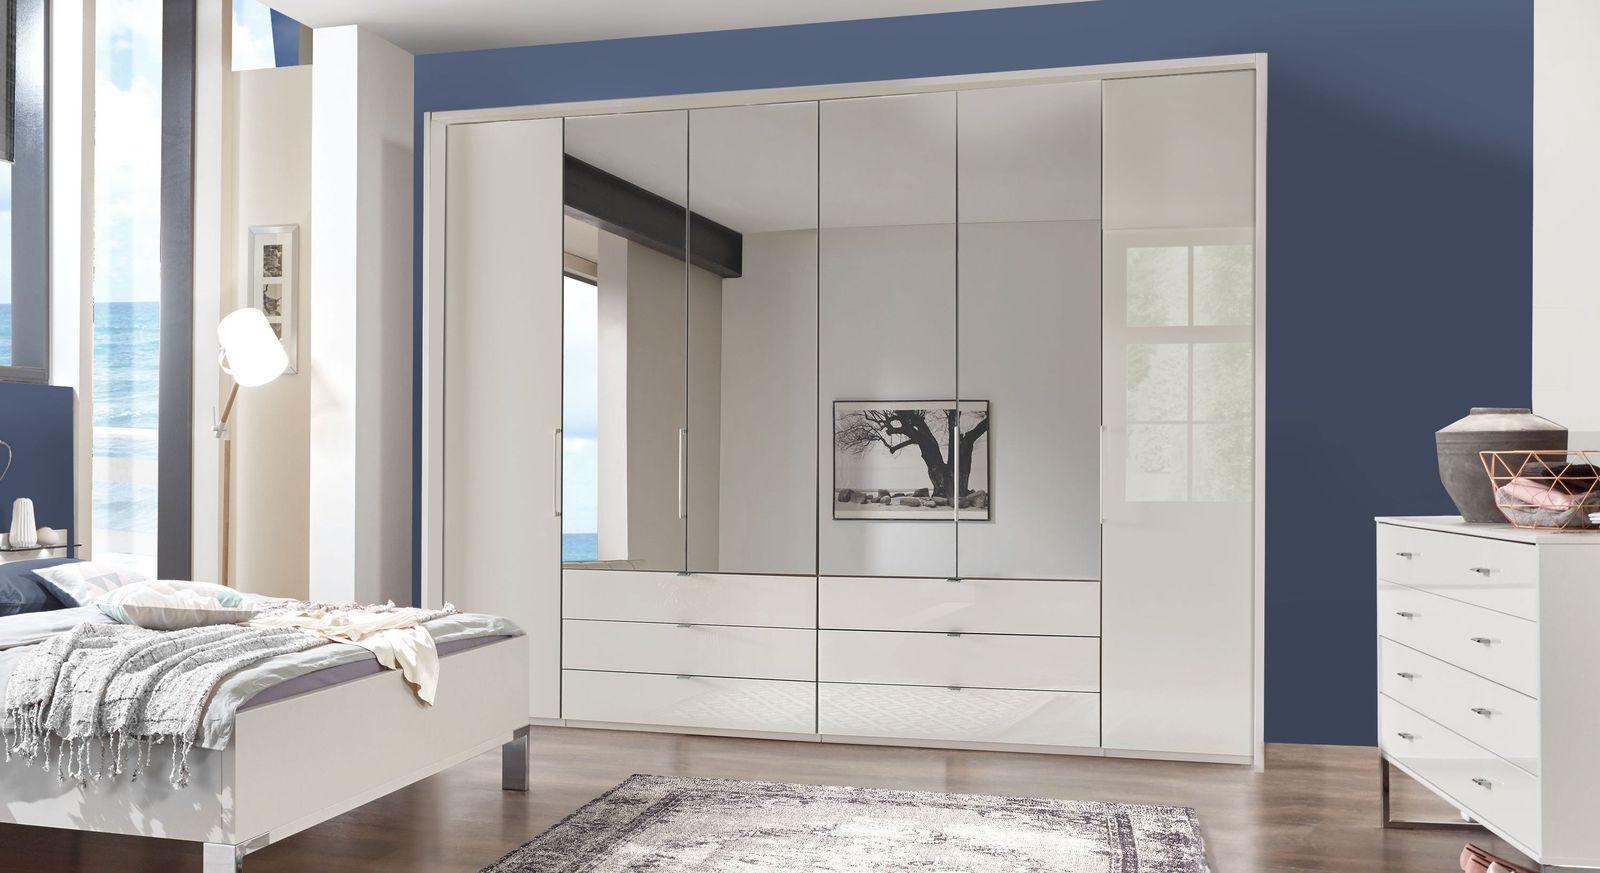 Spiegel-Kleiderschrank Elmira mit Falttüren und Drehtüren